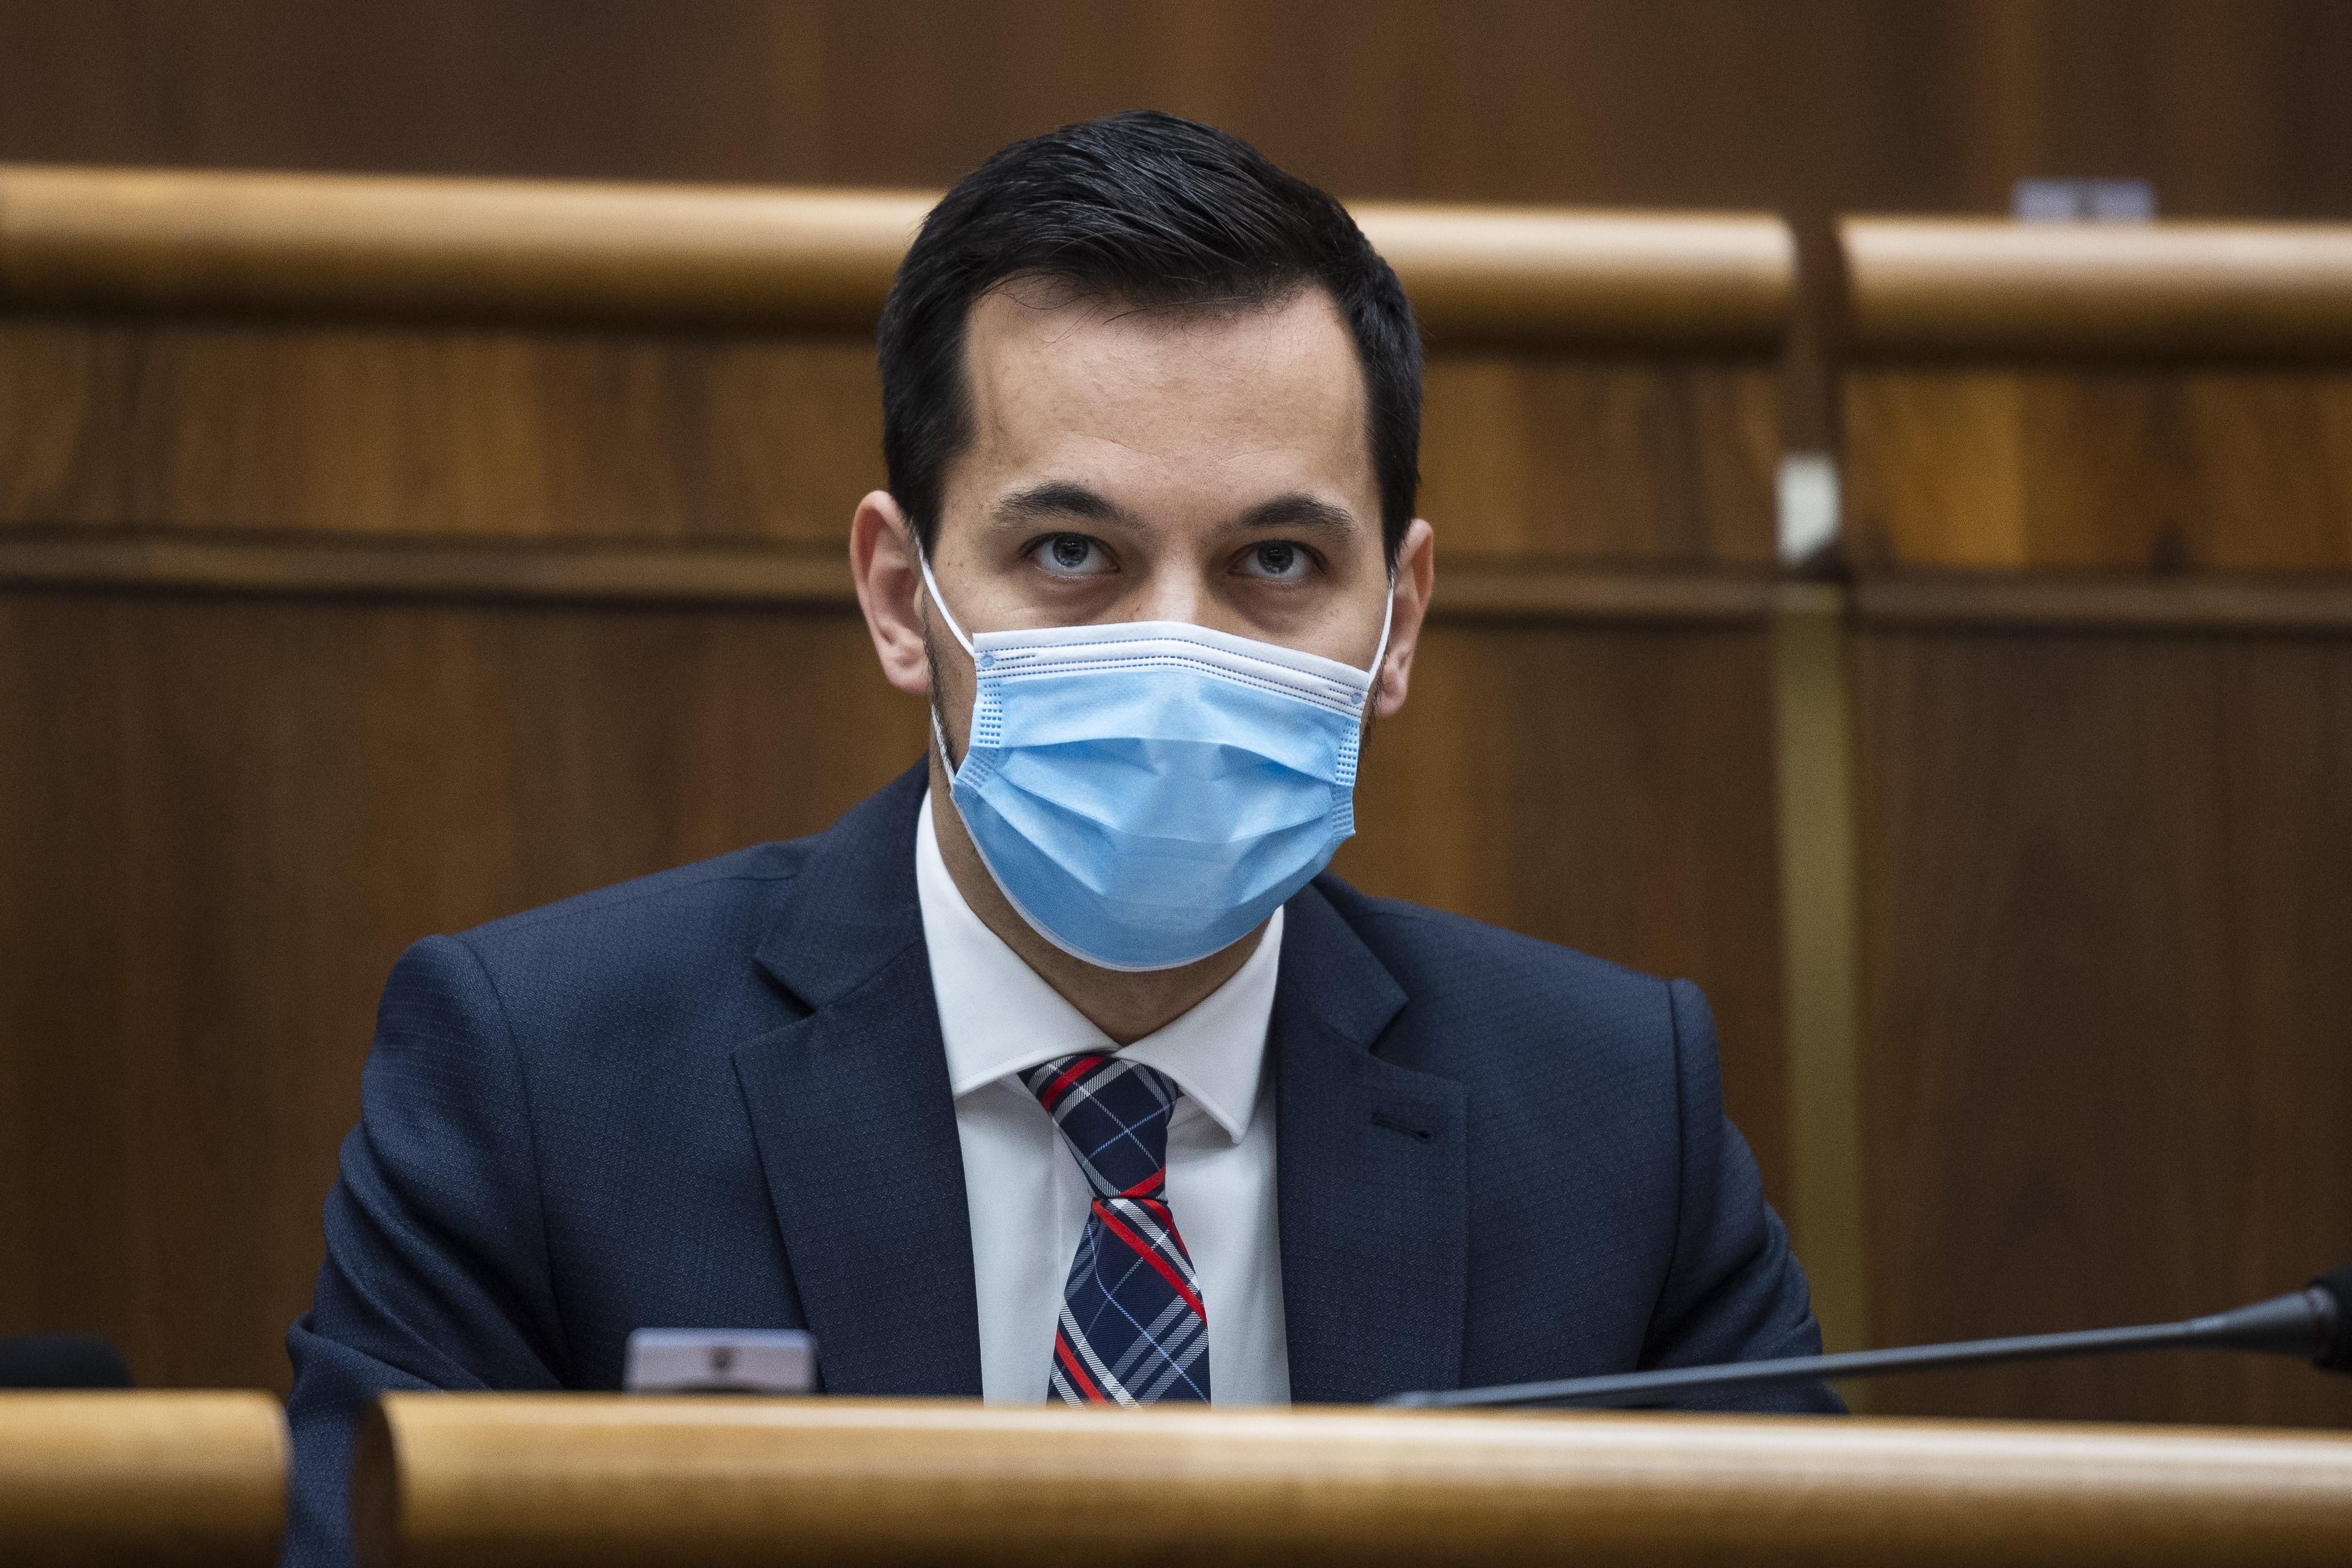 J.Šeliga: Poslali sme list J.Mikasovi, aby zvážil opatrenie ...